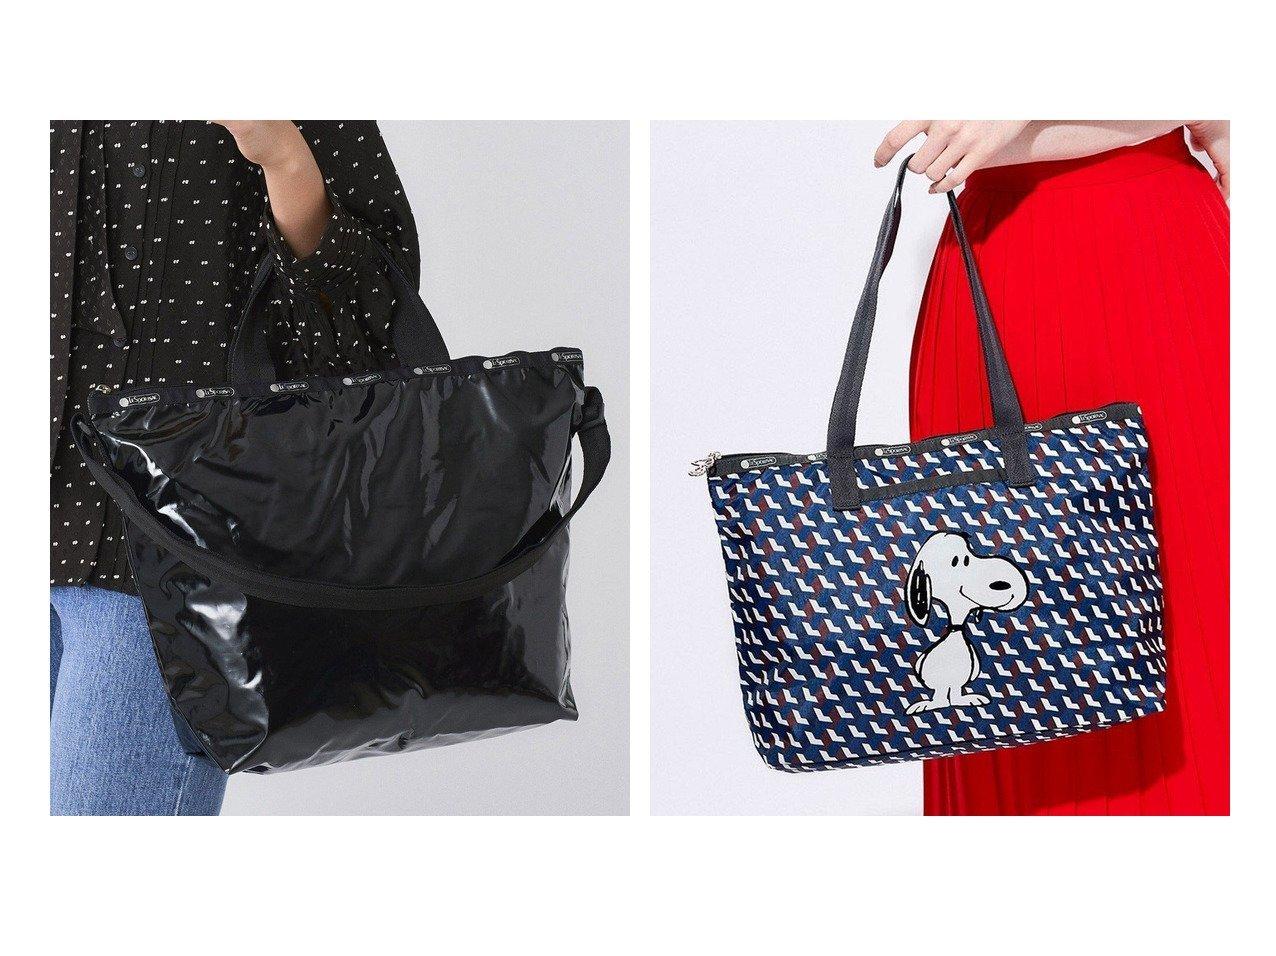 【LeSportsac/レスポートサック】の【雑誌掲載】ブラックパテントシル&【雑誌掲載】スヌーピージオメトリックトート おすすめ!人気、トレンド・レディースファッションの通販 おすすめで人気の流行・トレンド、ファッションの通販商品 インテリア・家具・メンズファッション・キッズファッション・レディースファッション・服の通販 founy(ファニー) https://founy.com/ 雑誌掲載アイテム Magazine Items ファッション雑誌 Fashion Magazines リー LEE マリソル Marisol ノンノ non-no ファッション Fashion レディースファッション WOMEN バッグ Bag アウトドア オケージョン シルバー 雑誌 8月号 プリント ポケット 無地 送料無料 Free Shipping 9月号 軽量 人気 ワンポイント おすすめ Recommend |ID:crp329100000060852